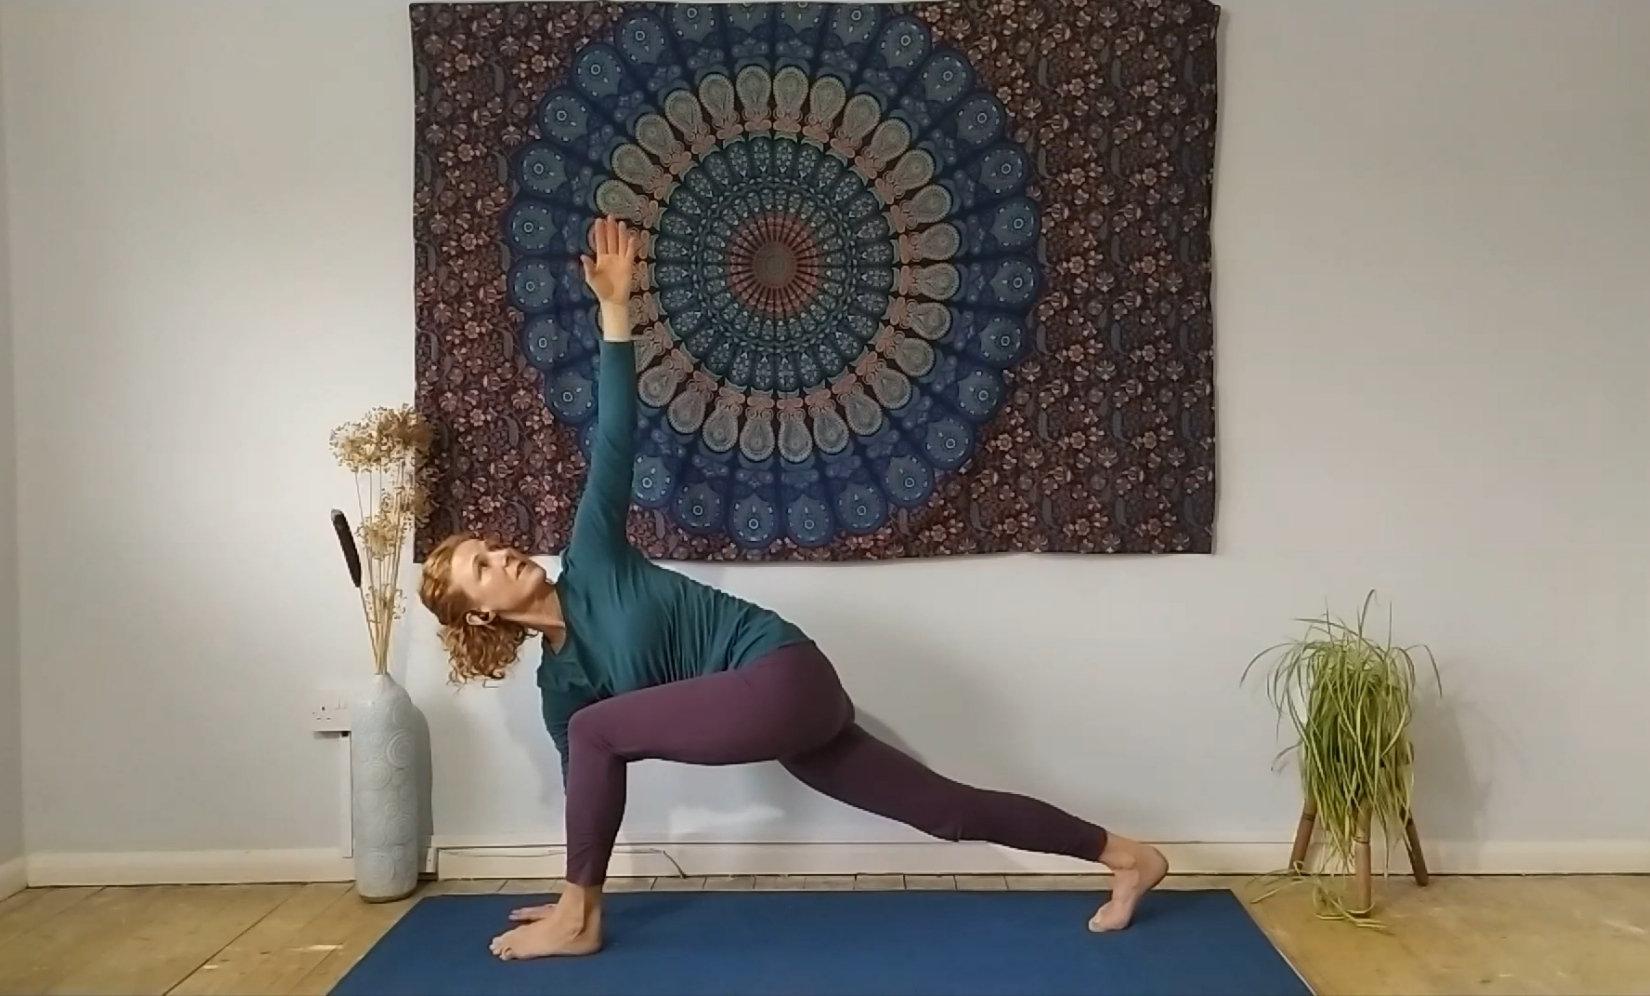 Wednesday 8-8.50am Early bird yoga